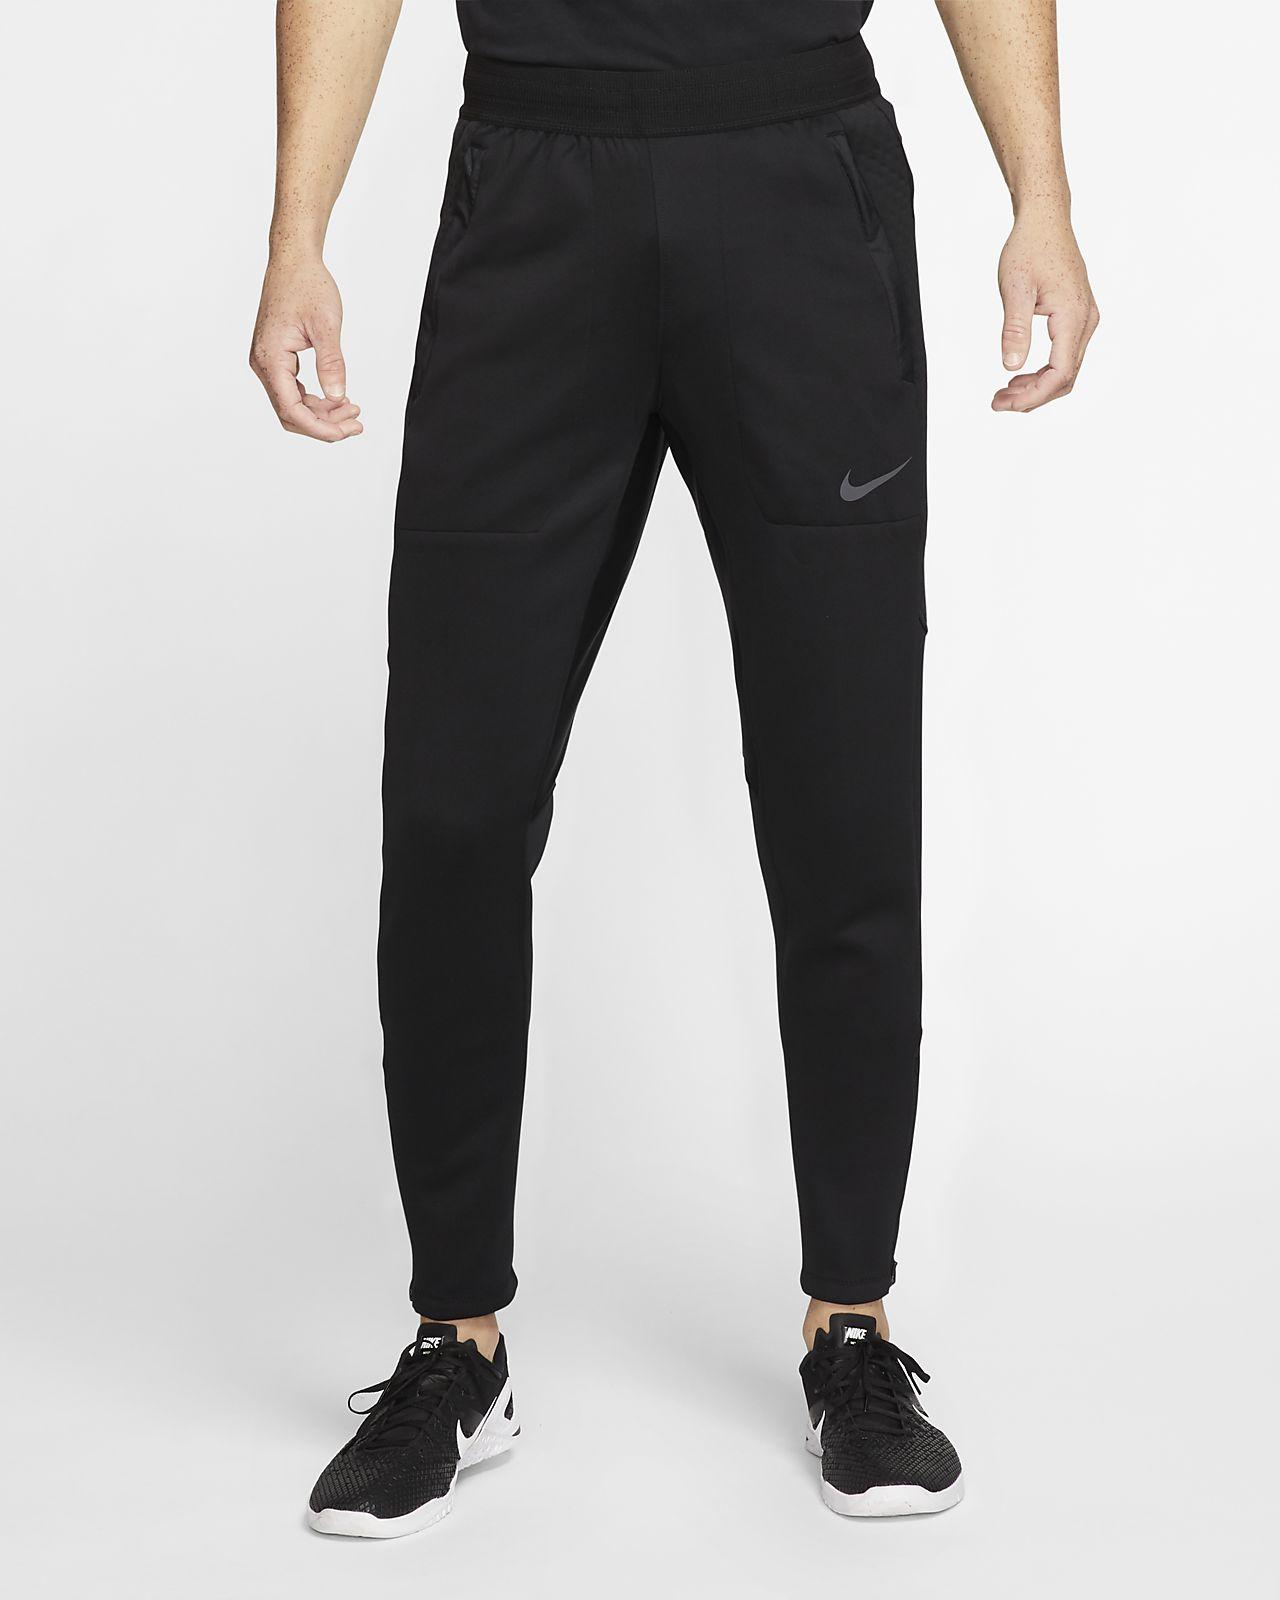 Spodnie treningowe męskie